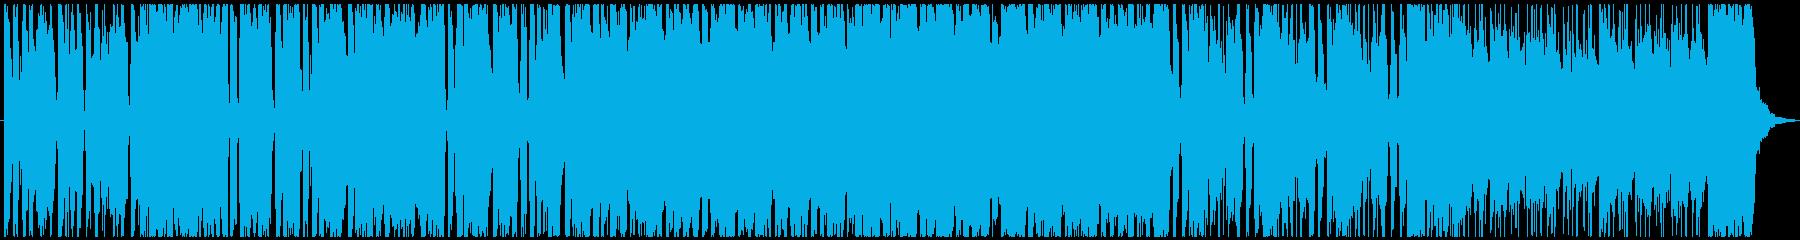 ポップ ロック 野生 燃焼 移動 ...の再生済みの波形